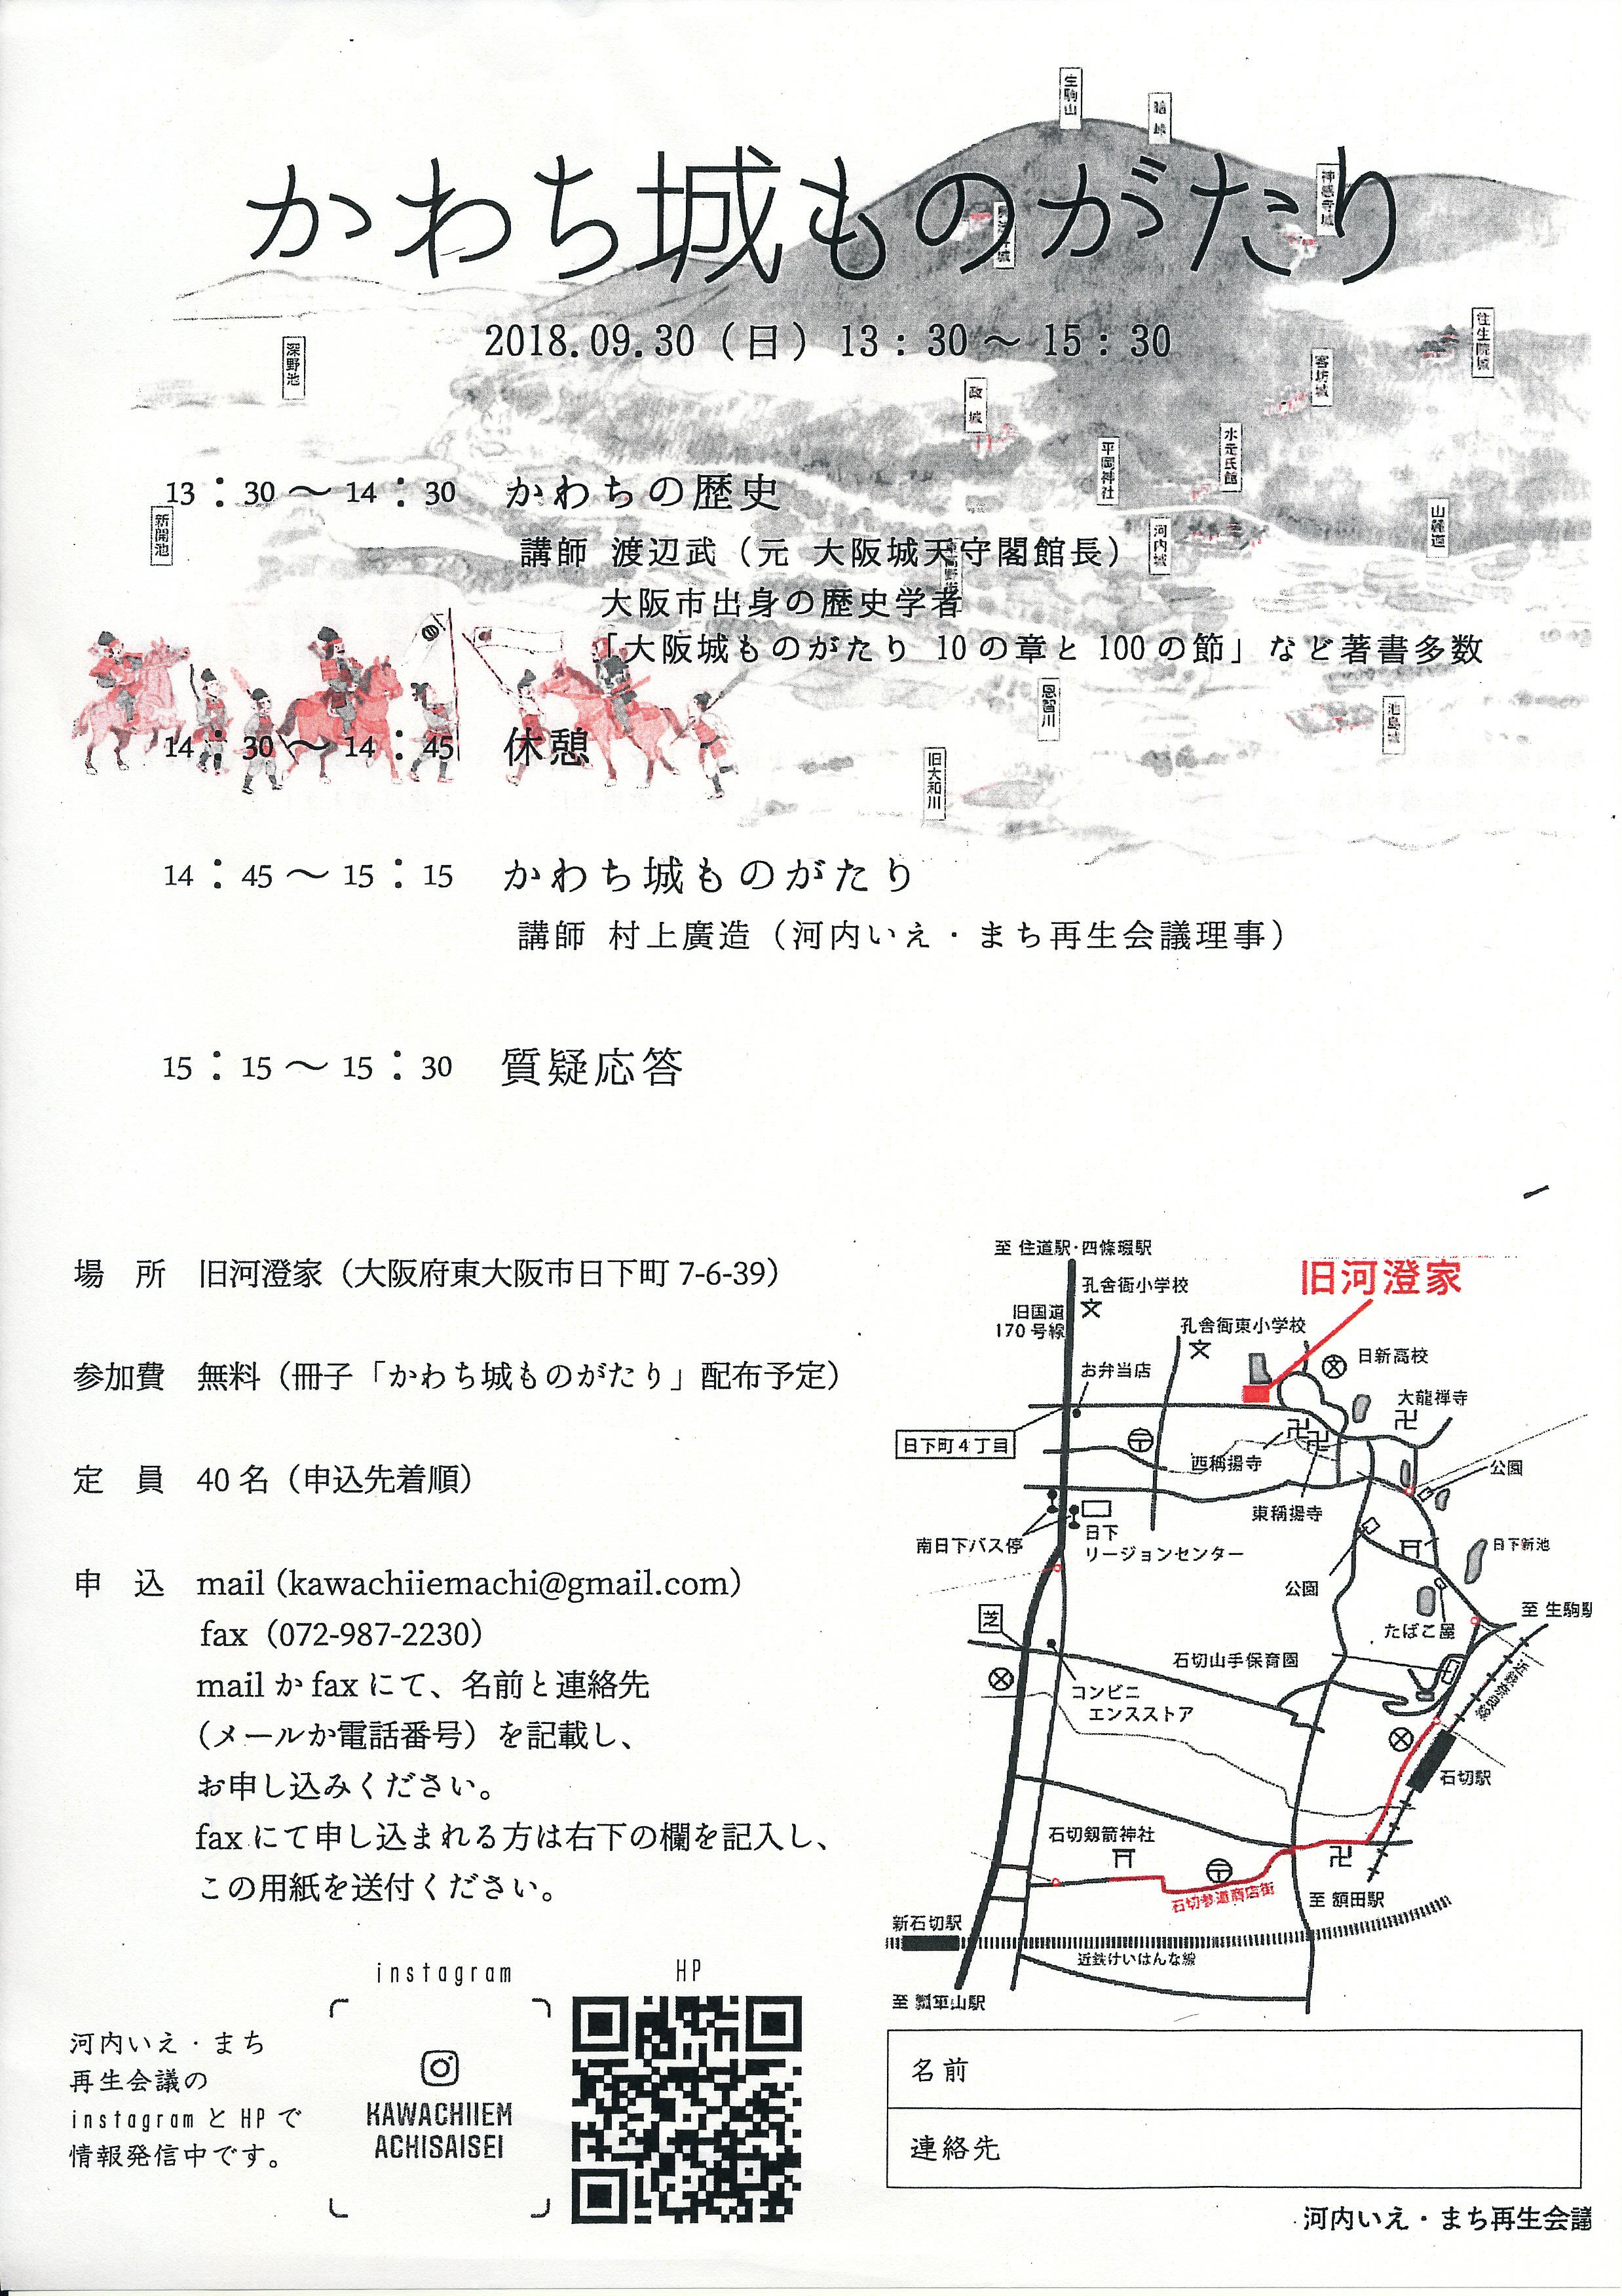 かわち城ものがたり9月30日(日)